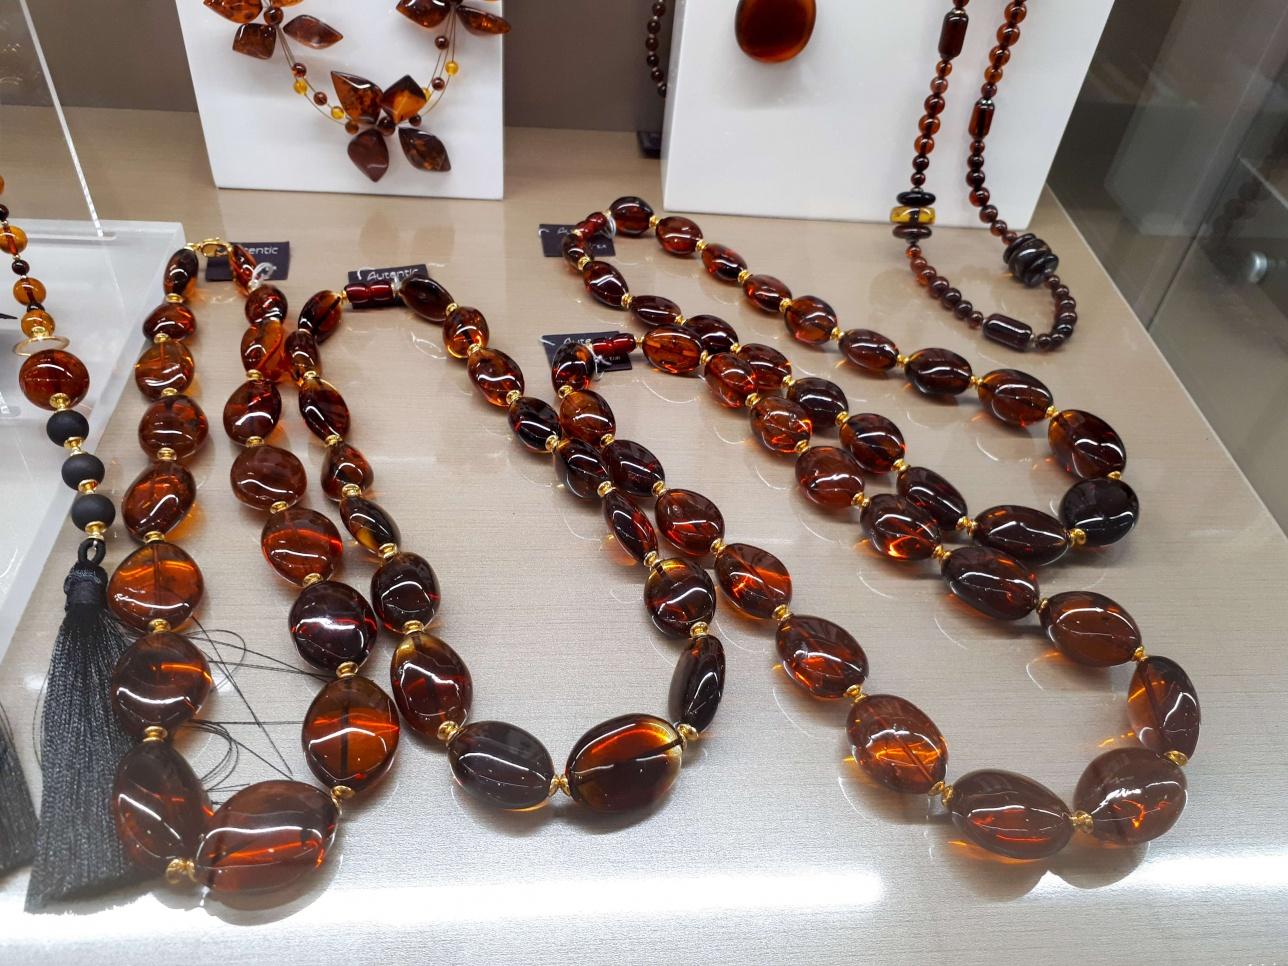 Янтарные украшения и сувениры в Литве можно купить на каждом шагу